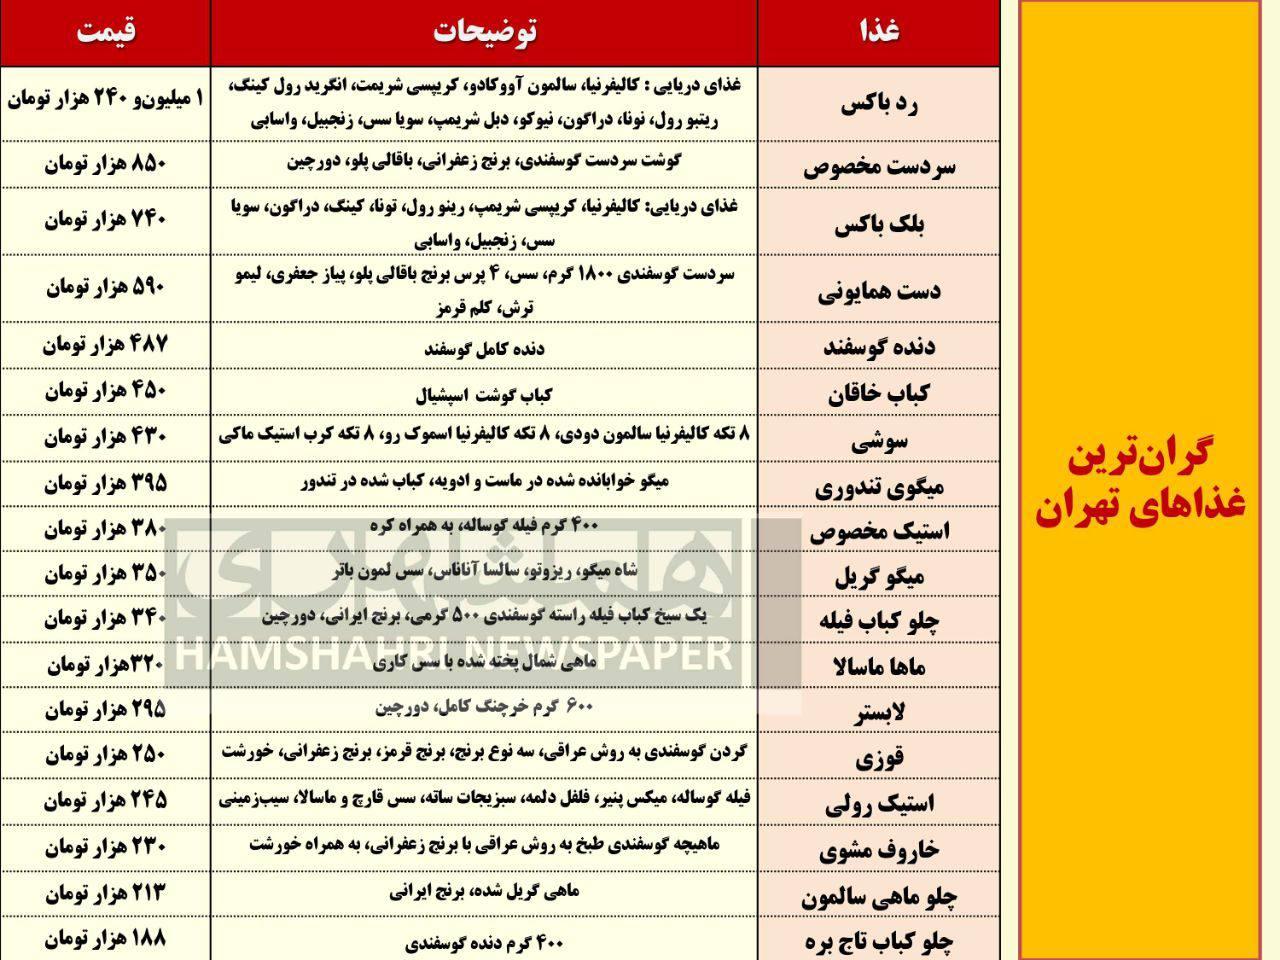 گران ترین غذاهایی که در تهران می توانید تهیه کنید + عکس